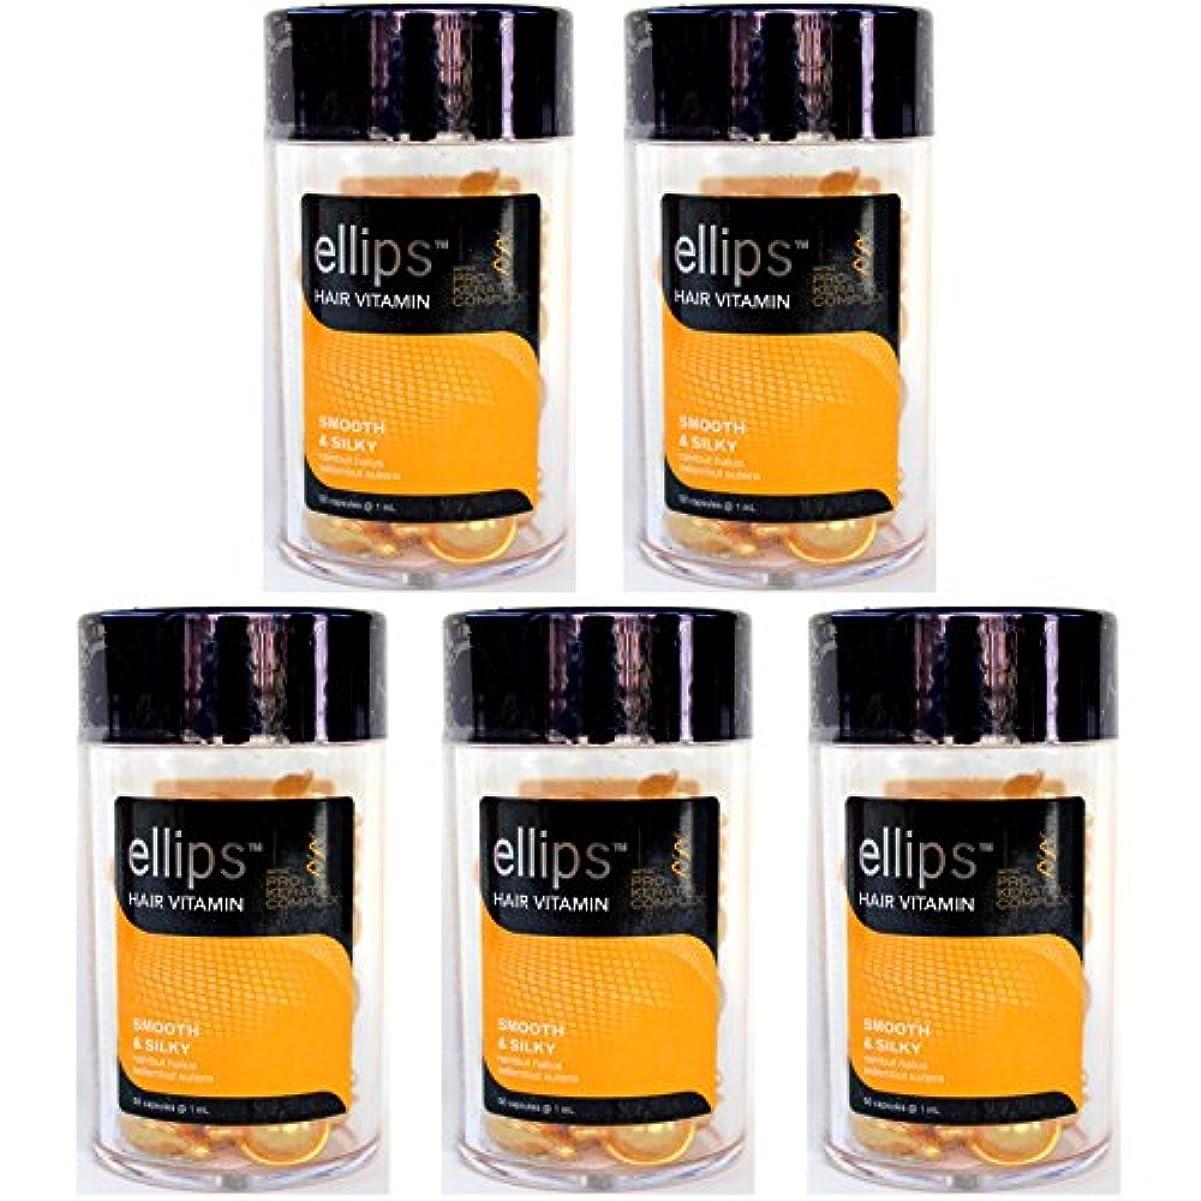 キャッチマナーマナーellips エリプス Hair Vitamin ヘア ビタミン Pro-Keratin Complex プロケラチン配合 SMOOTH & SILKY イエロー ボトル(50粒入) × 5本 セット [並行輸入品][海外直送品]